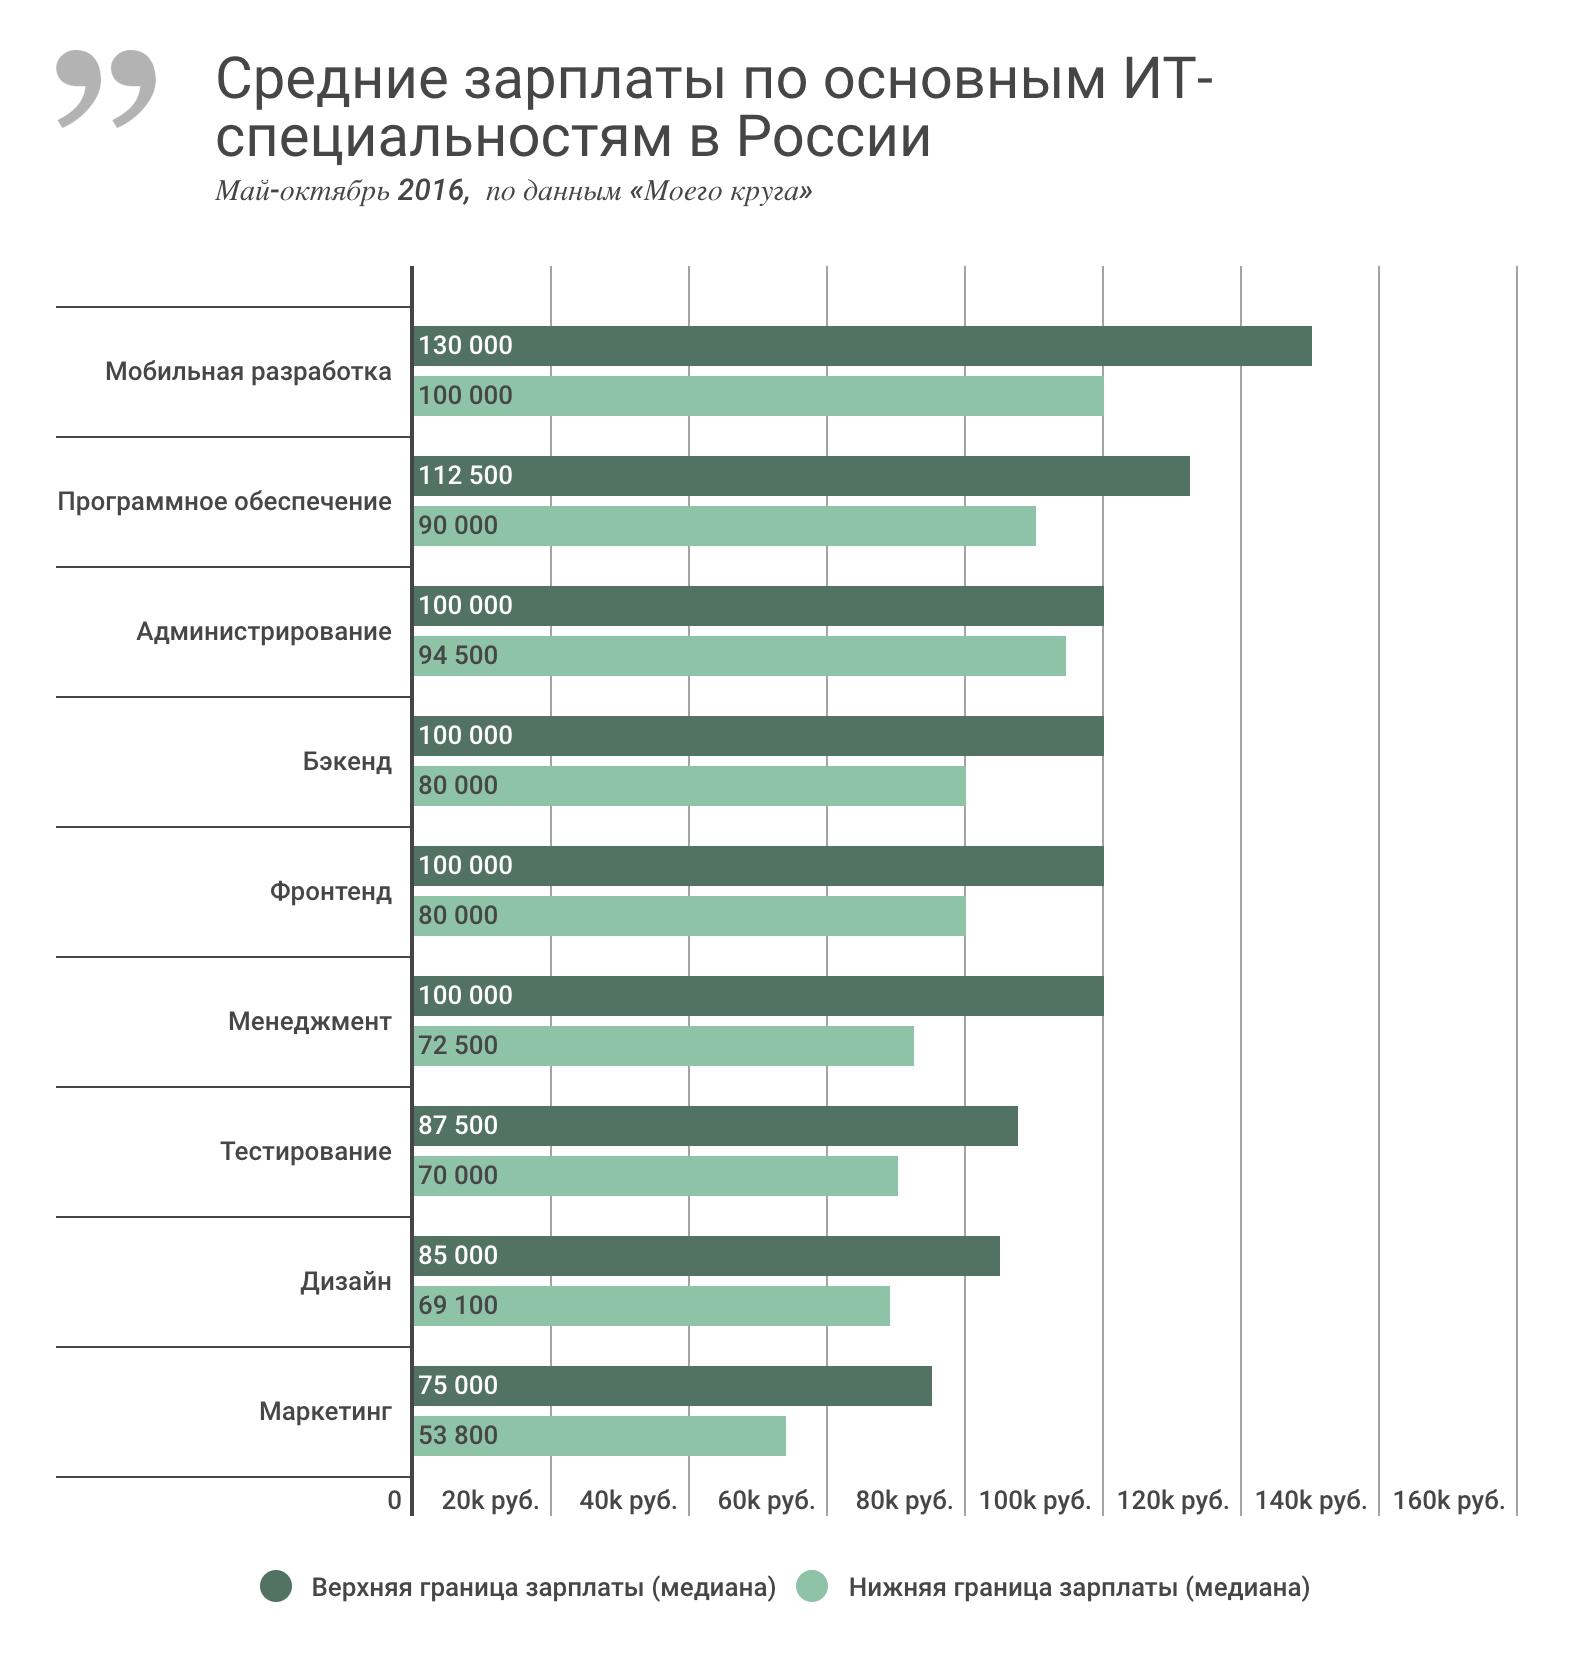 Зарплаты IT-специалистов в России за последние полгода, май-октябрь 2016 - 1